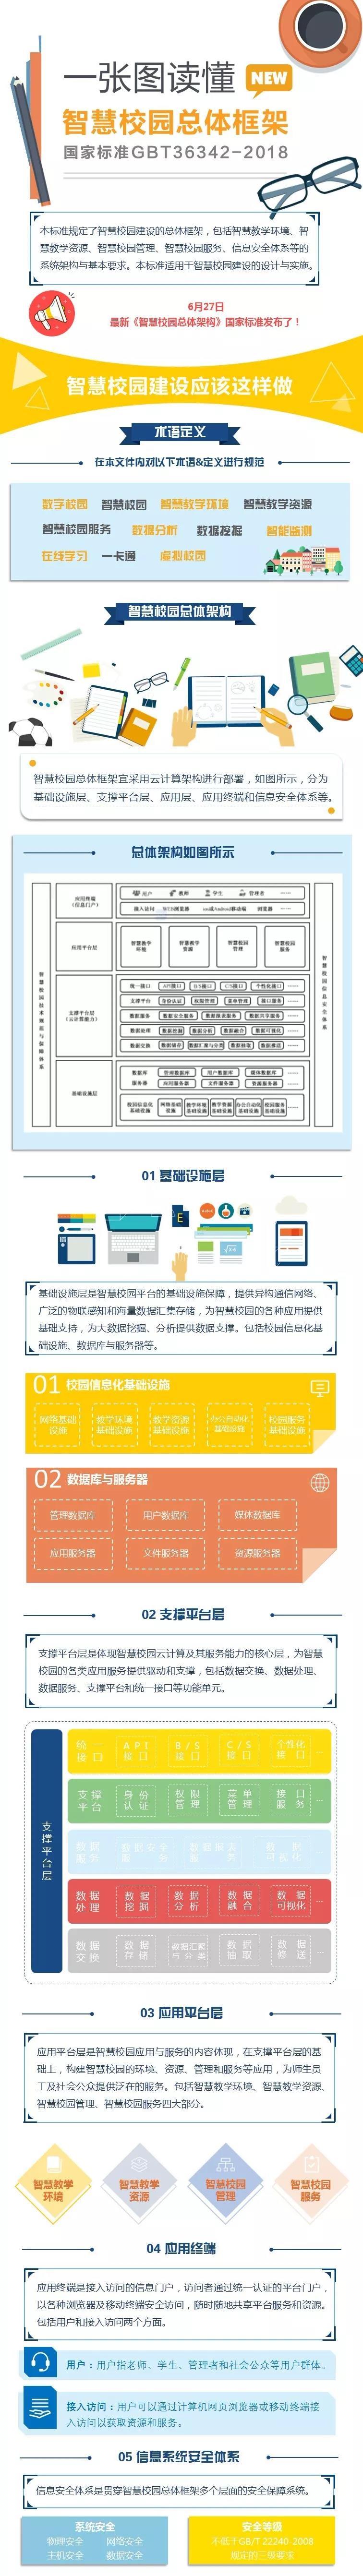 一张图读懂智慧校园总体框架,附智慧校园总体框架(GBT_36342-2018).pdf